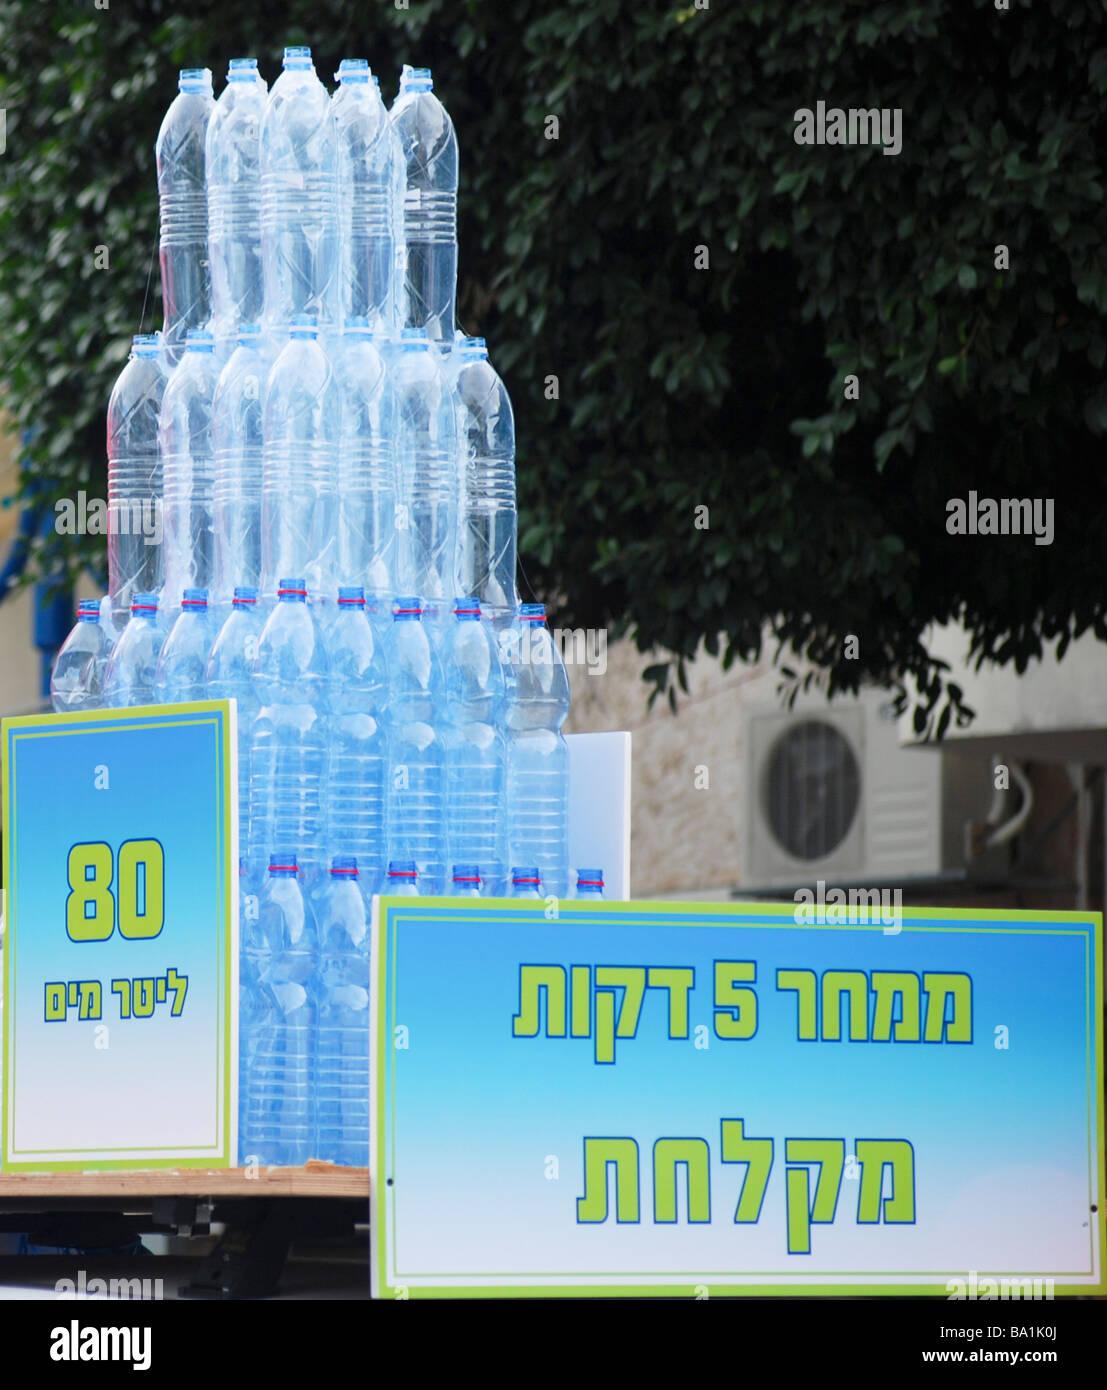 Risparmiare acqua display che mostra bottiglie di acqua minerale contenente 80 litri che è la quantità Immagini Stock